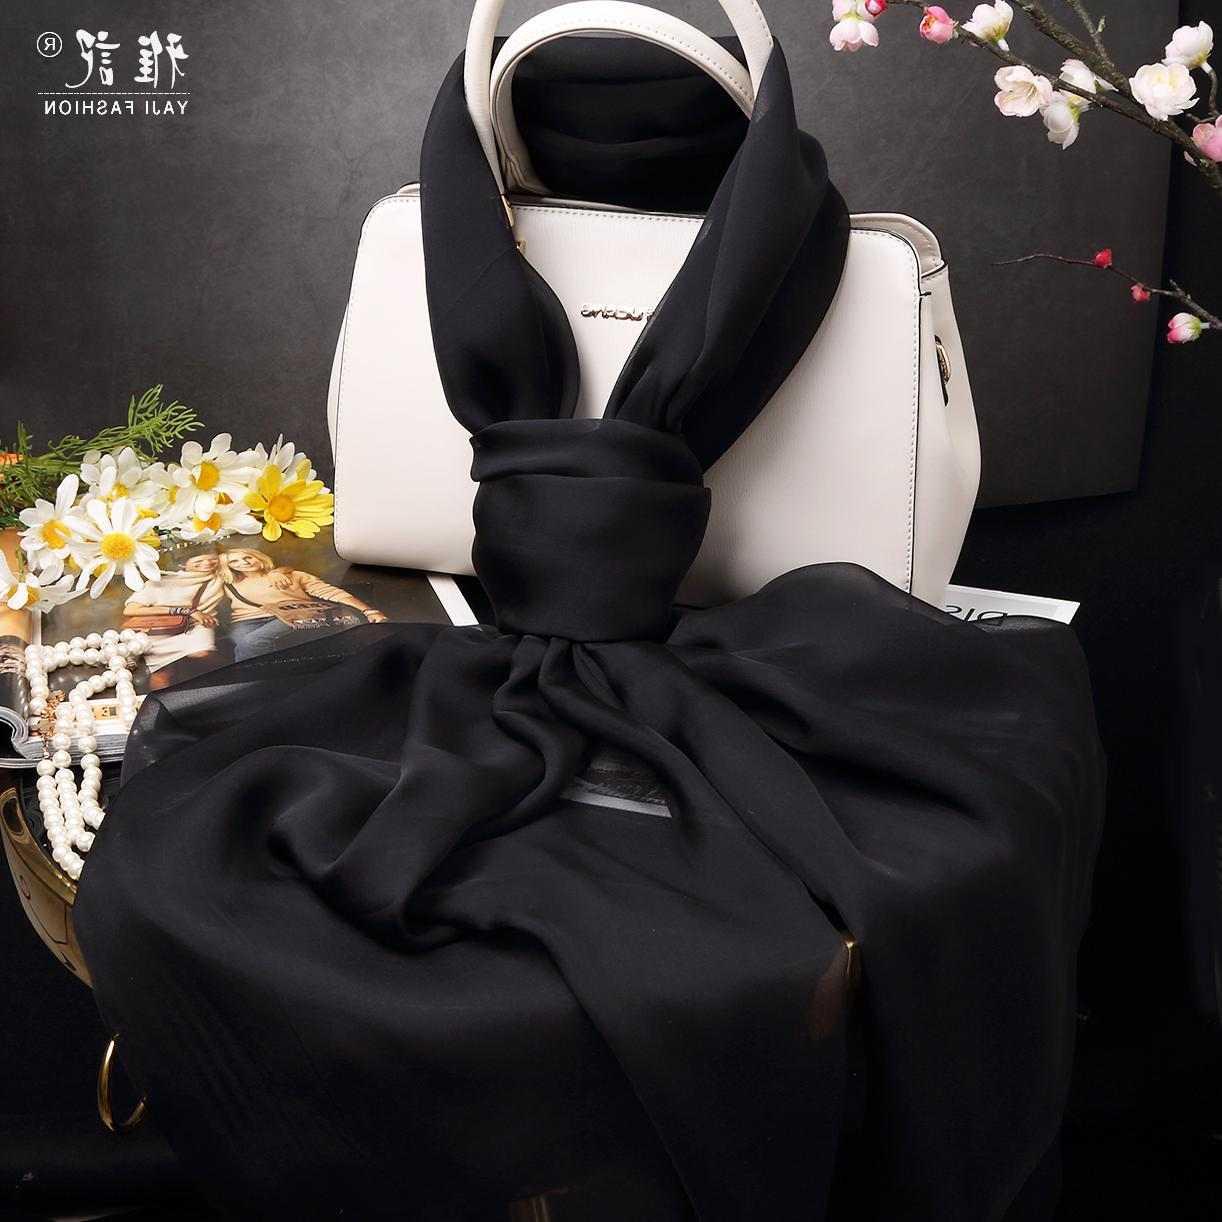 Mariage Mariée ART BOUQUET bouquet fleurs bouquet de fleurs en soie bs02-08